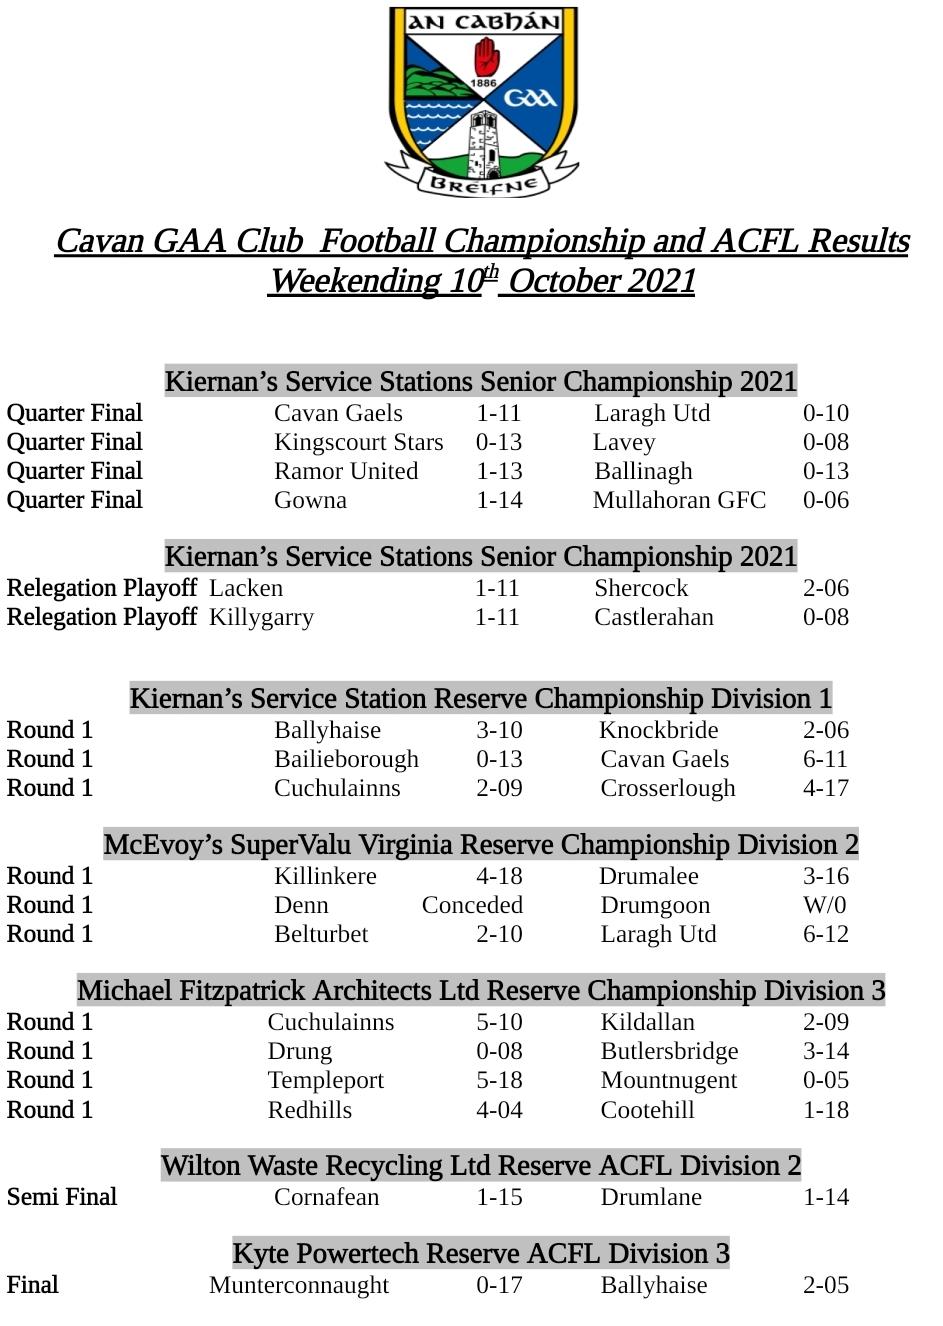 Cavan Gaa Club Results week ending 10/10/21